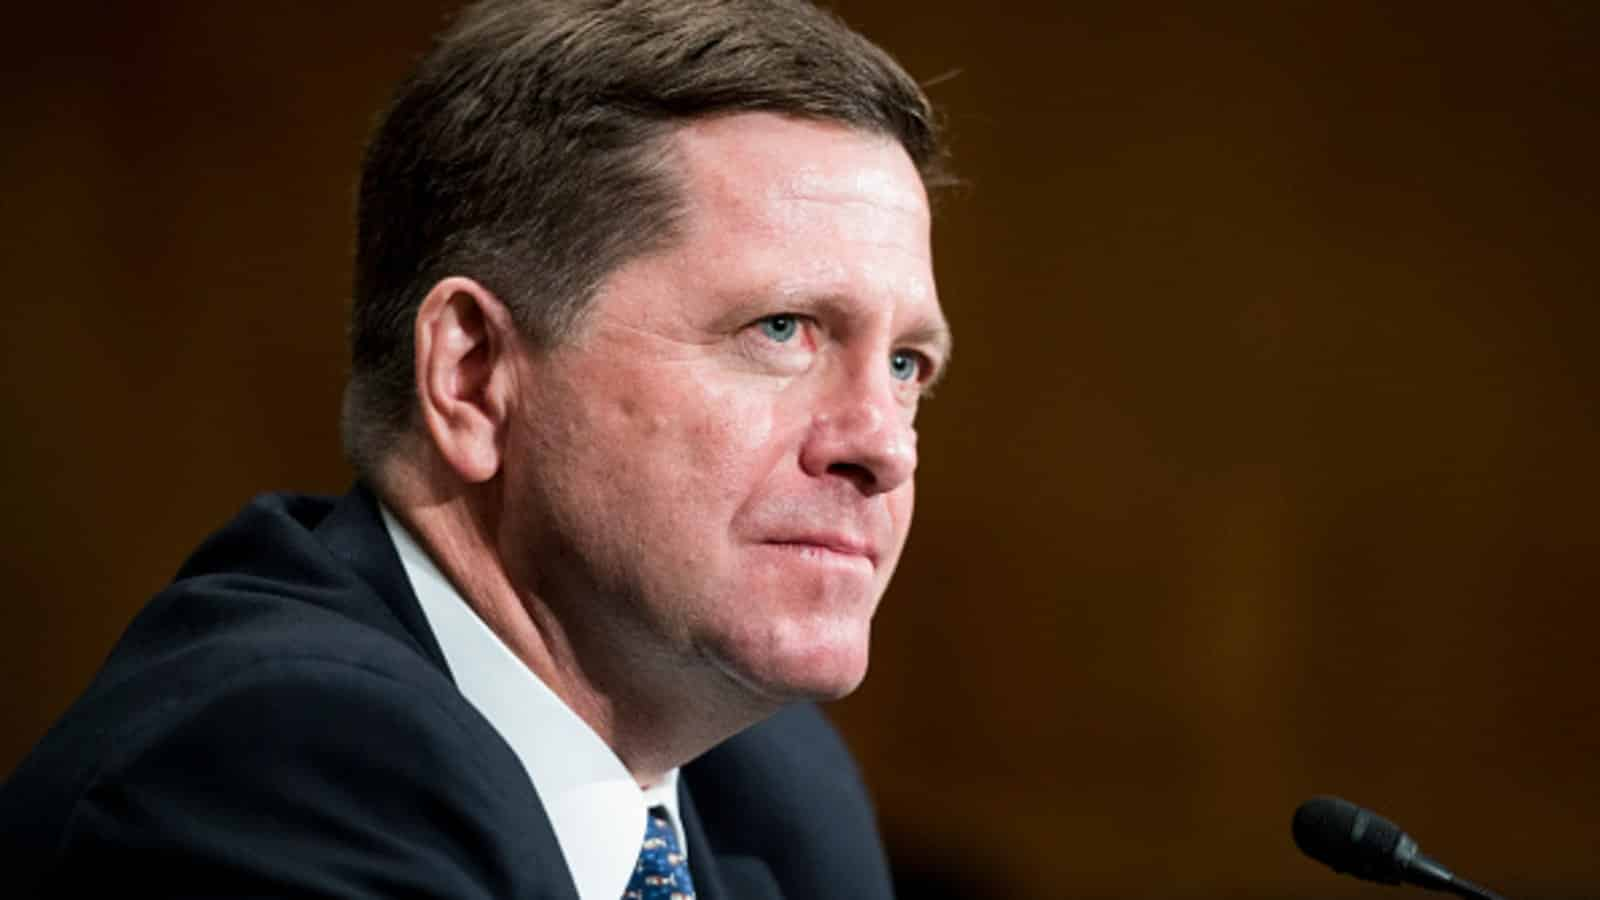 O Presidente da SEC, Jay Clayton, apoia A Inovação Nas Cripto, Mas Alerta para Qualquer Jogada Duvidosa